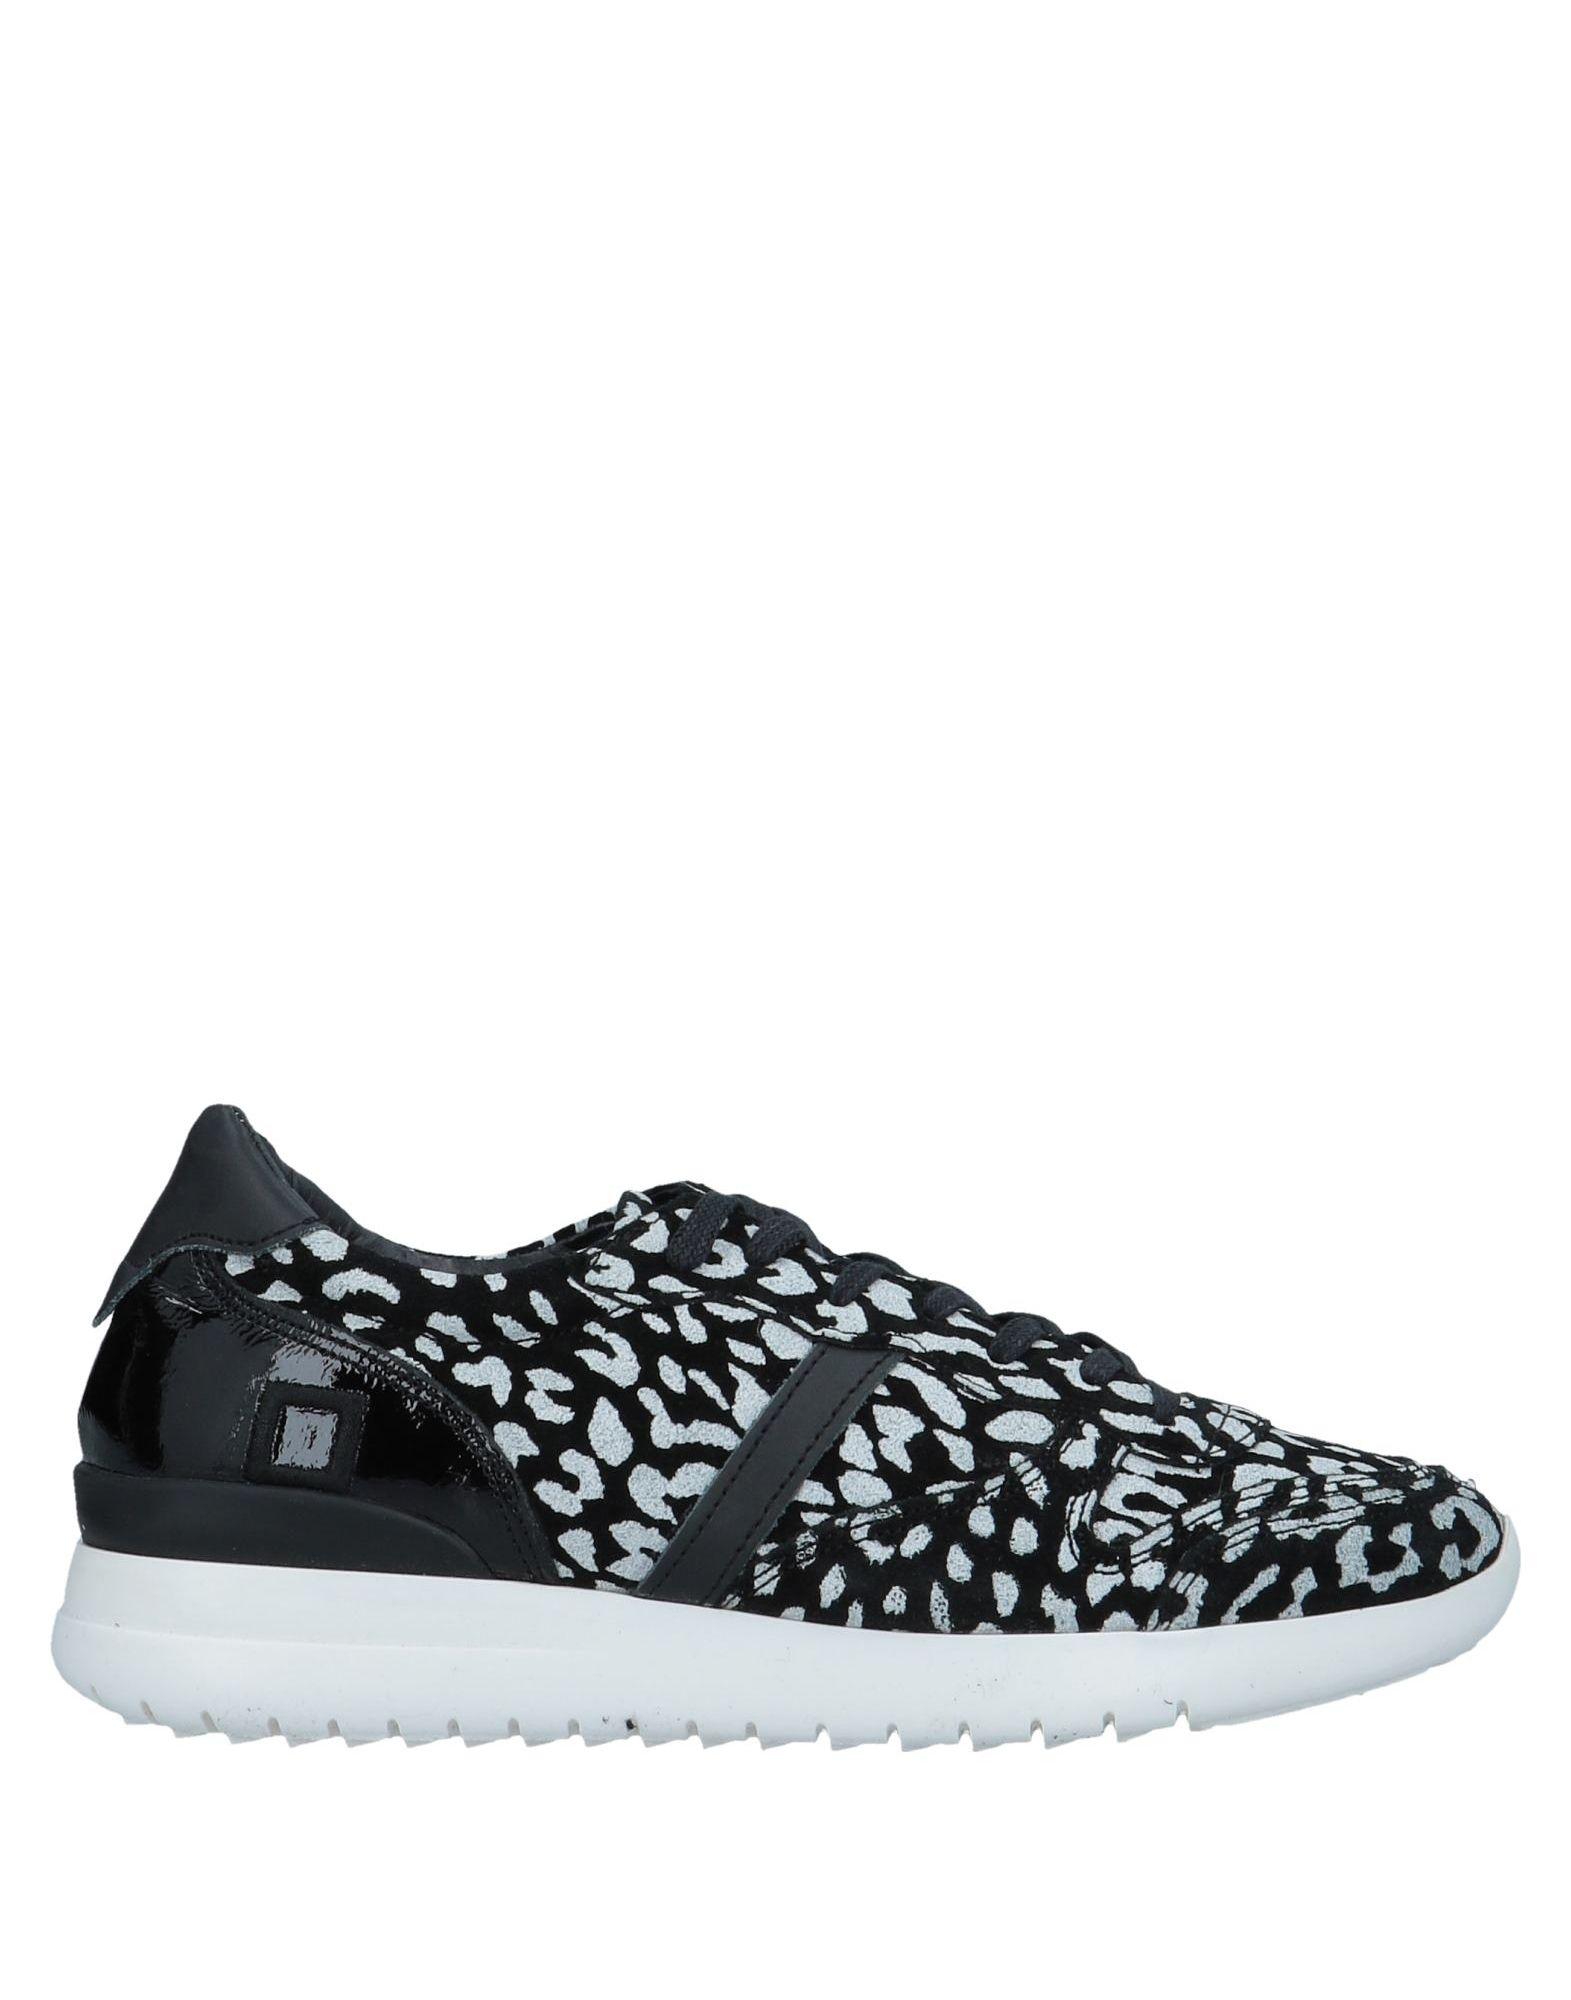 Gut um billige Schuhe Schuhe Schuhe zu tragenD.A.T.E. Sneakers Damen  11557955SS 9d52e3